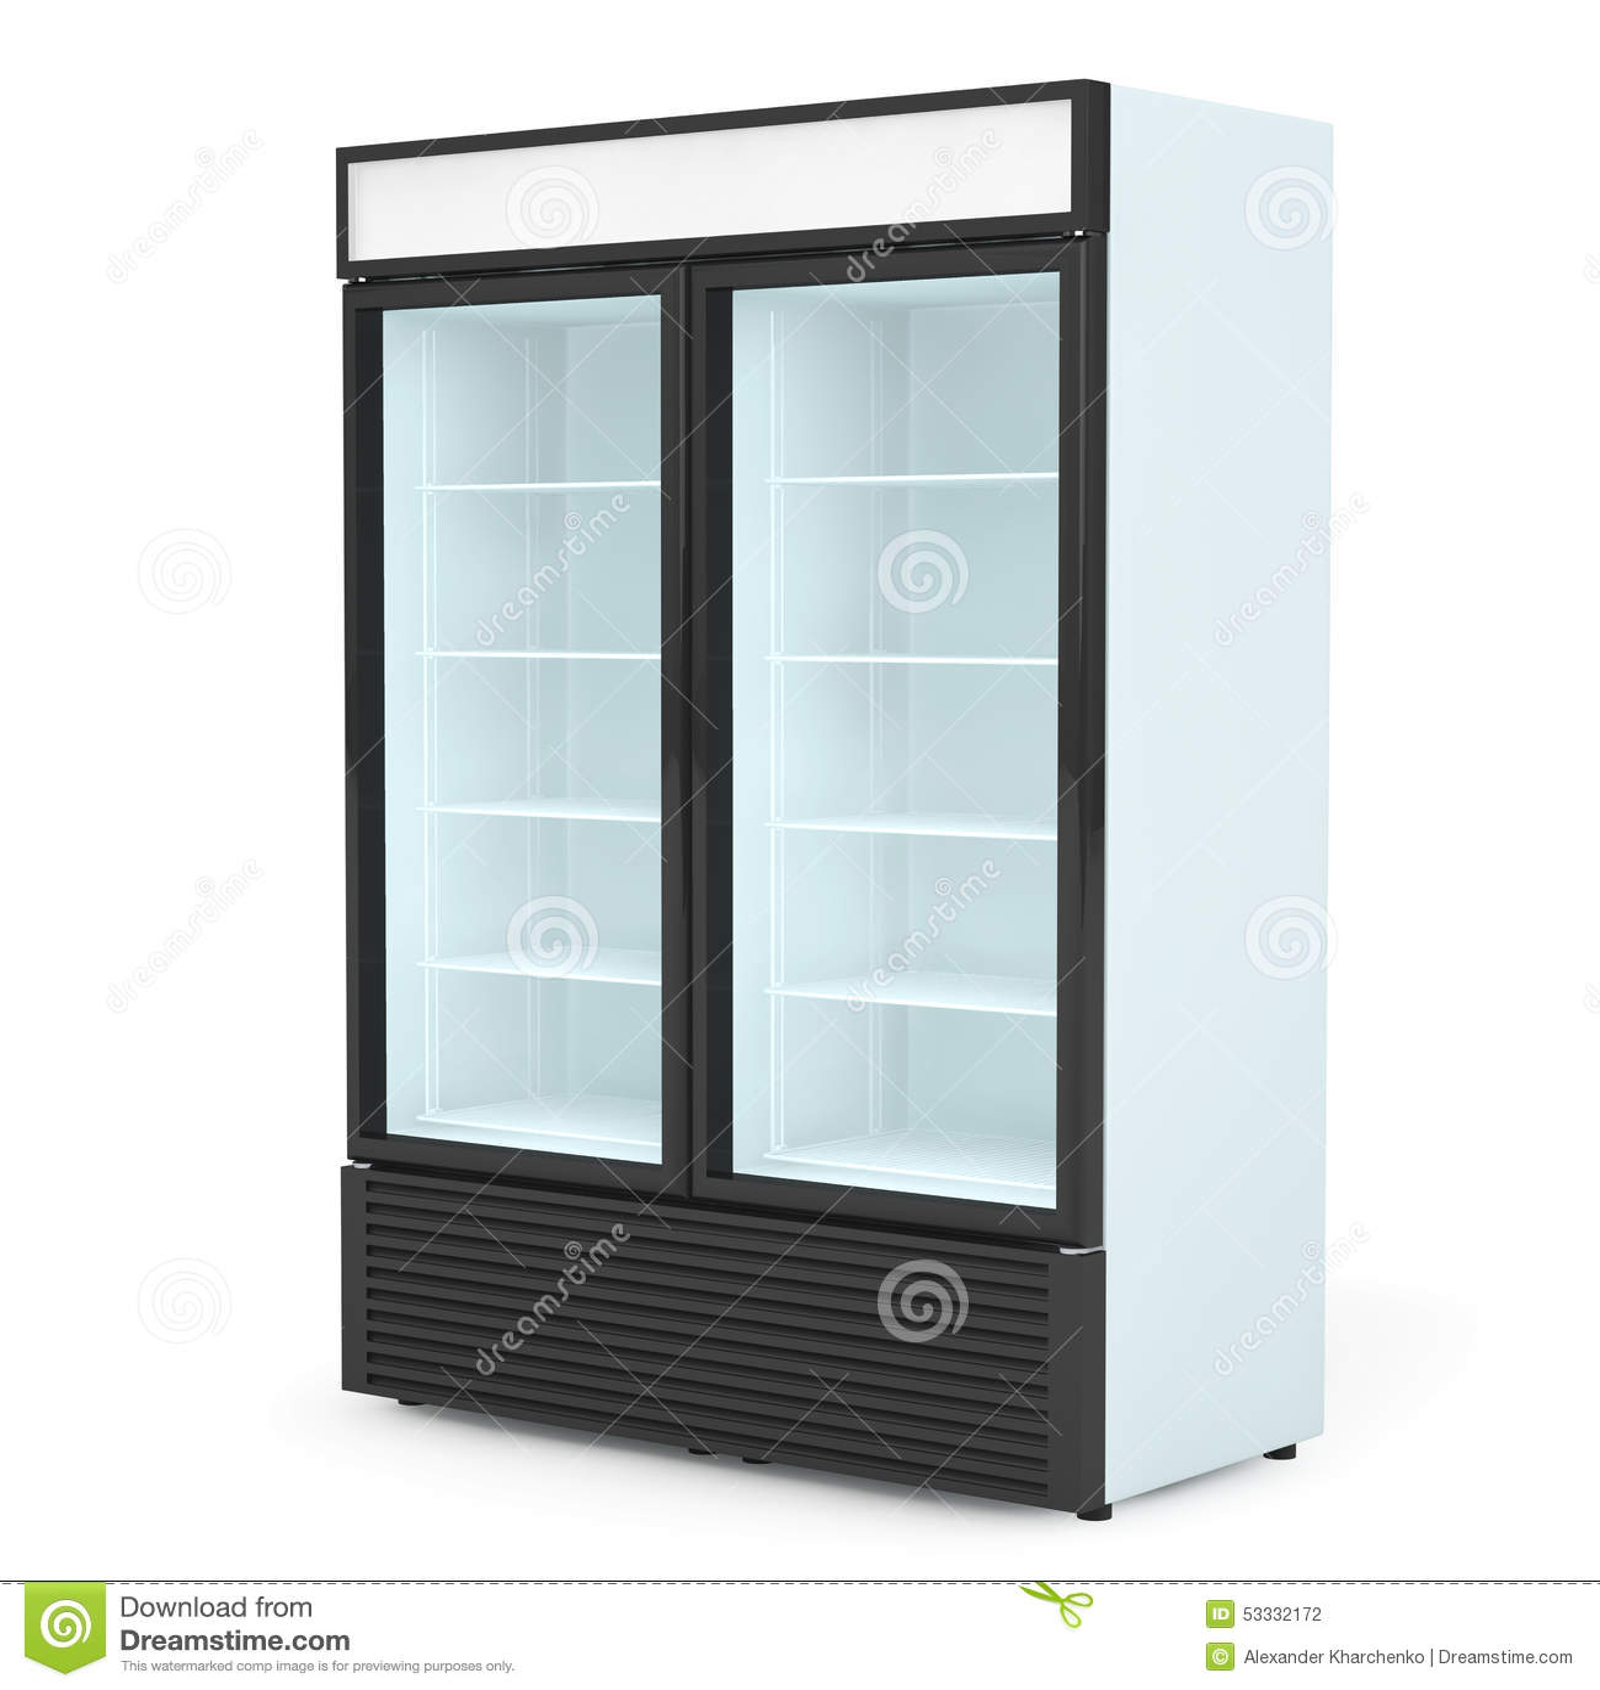 Fridge Drink With Glass Door Stock Photo Image Of Freezer